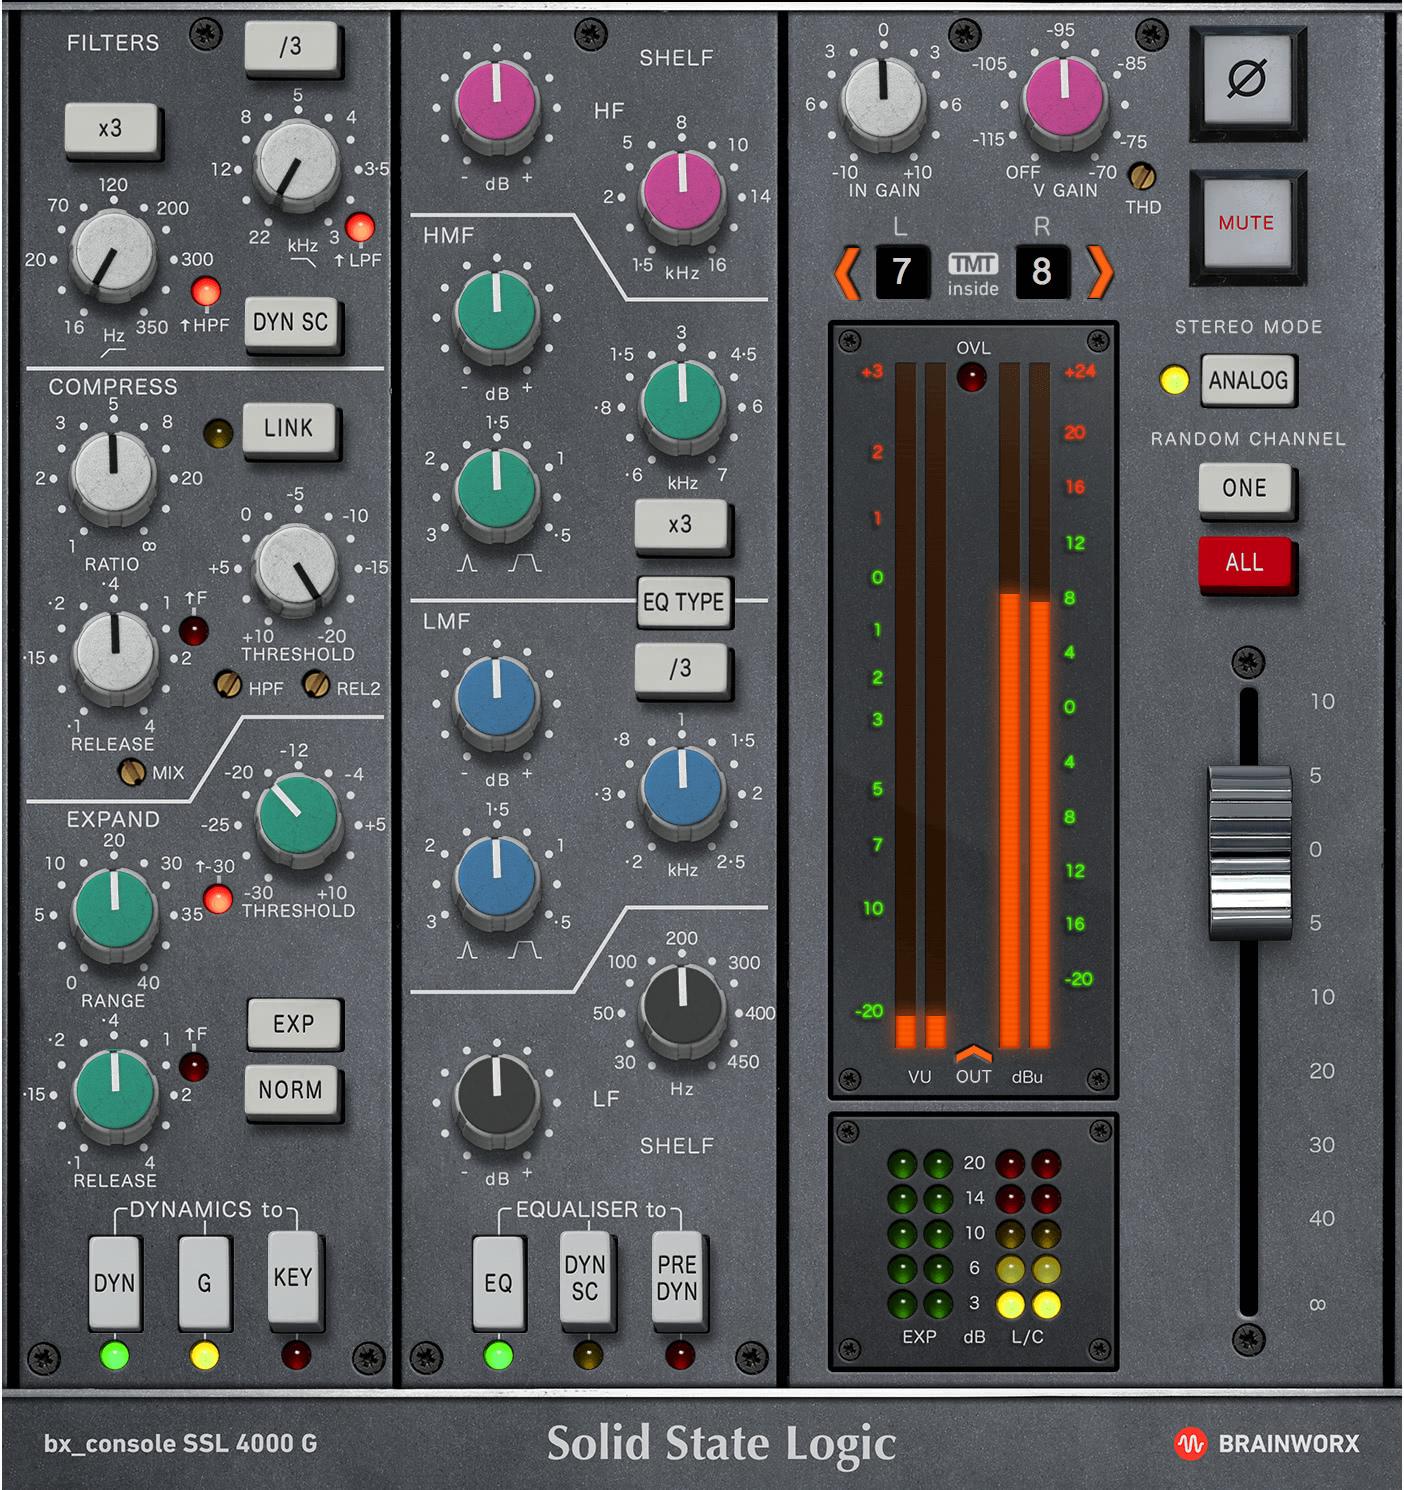 bx_console SSL 4000 G